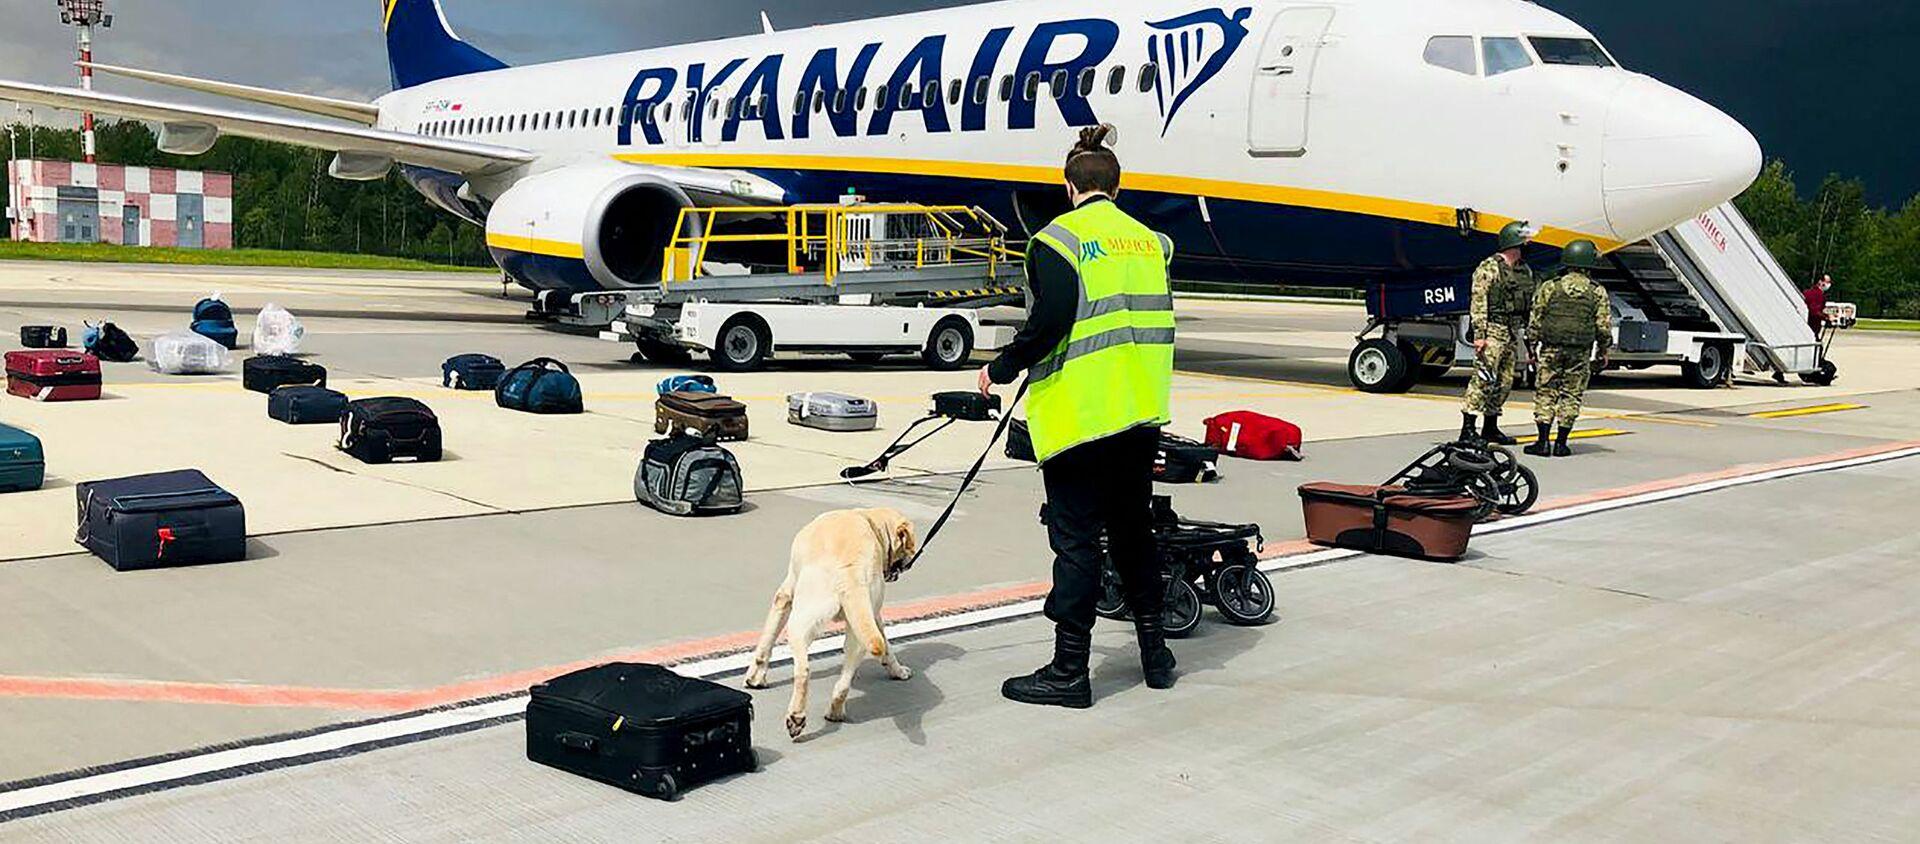 Chiếc máy bay của hãng hang không Ryanair tại sân bay Minsk. - Sputnik Việt Nam, 1920, 24.05.2021